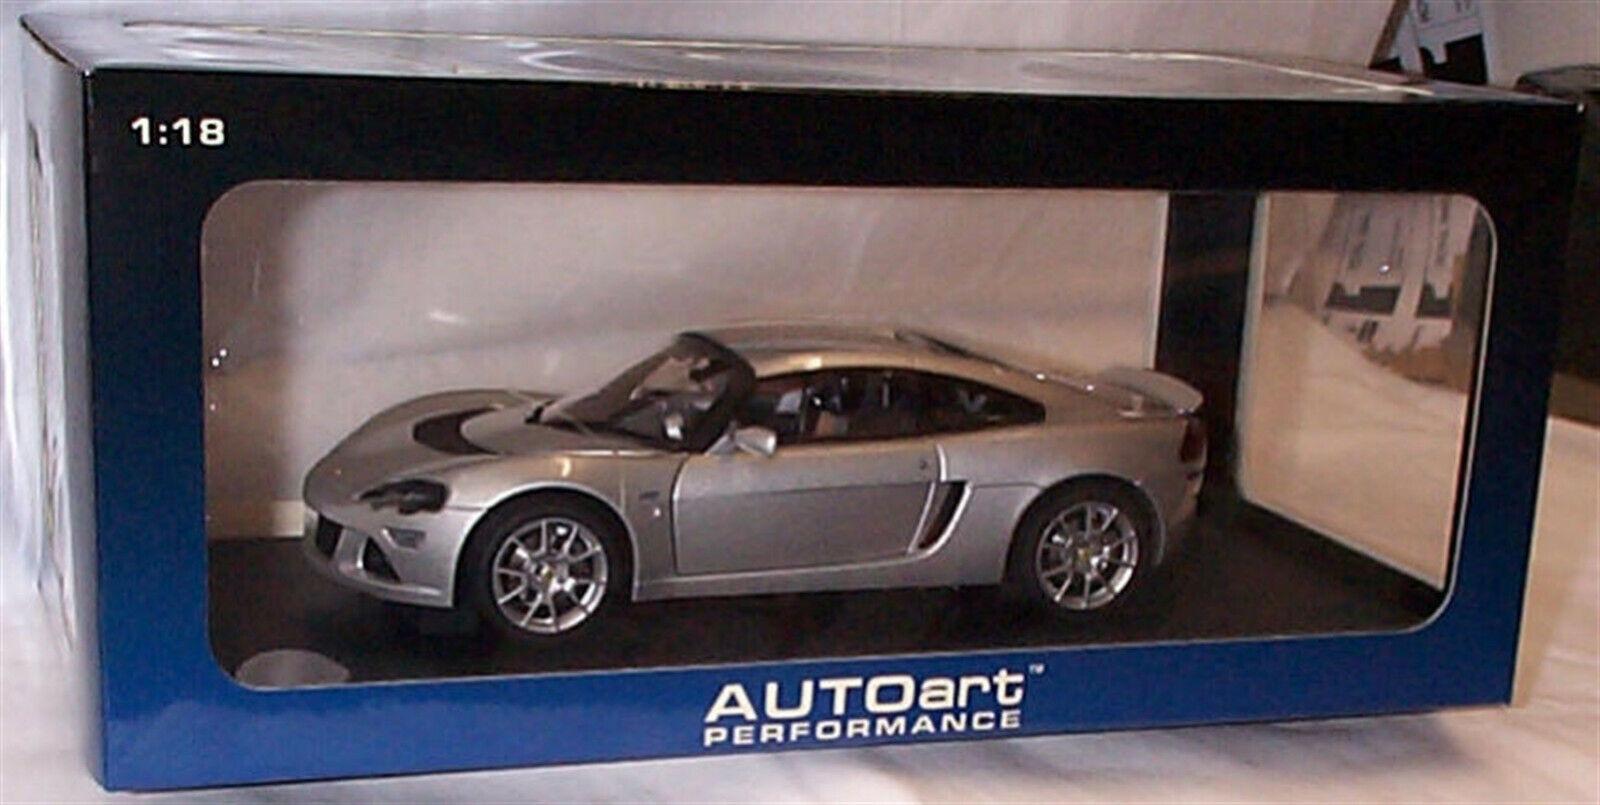 Lotus Europa S argento Autoart 75366 RHD Nuevo En Caja Escala 1-18 Piezas De Apertura